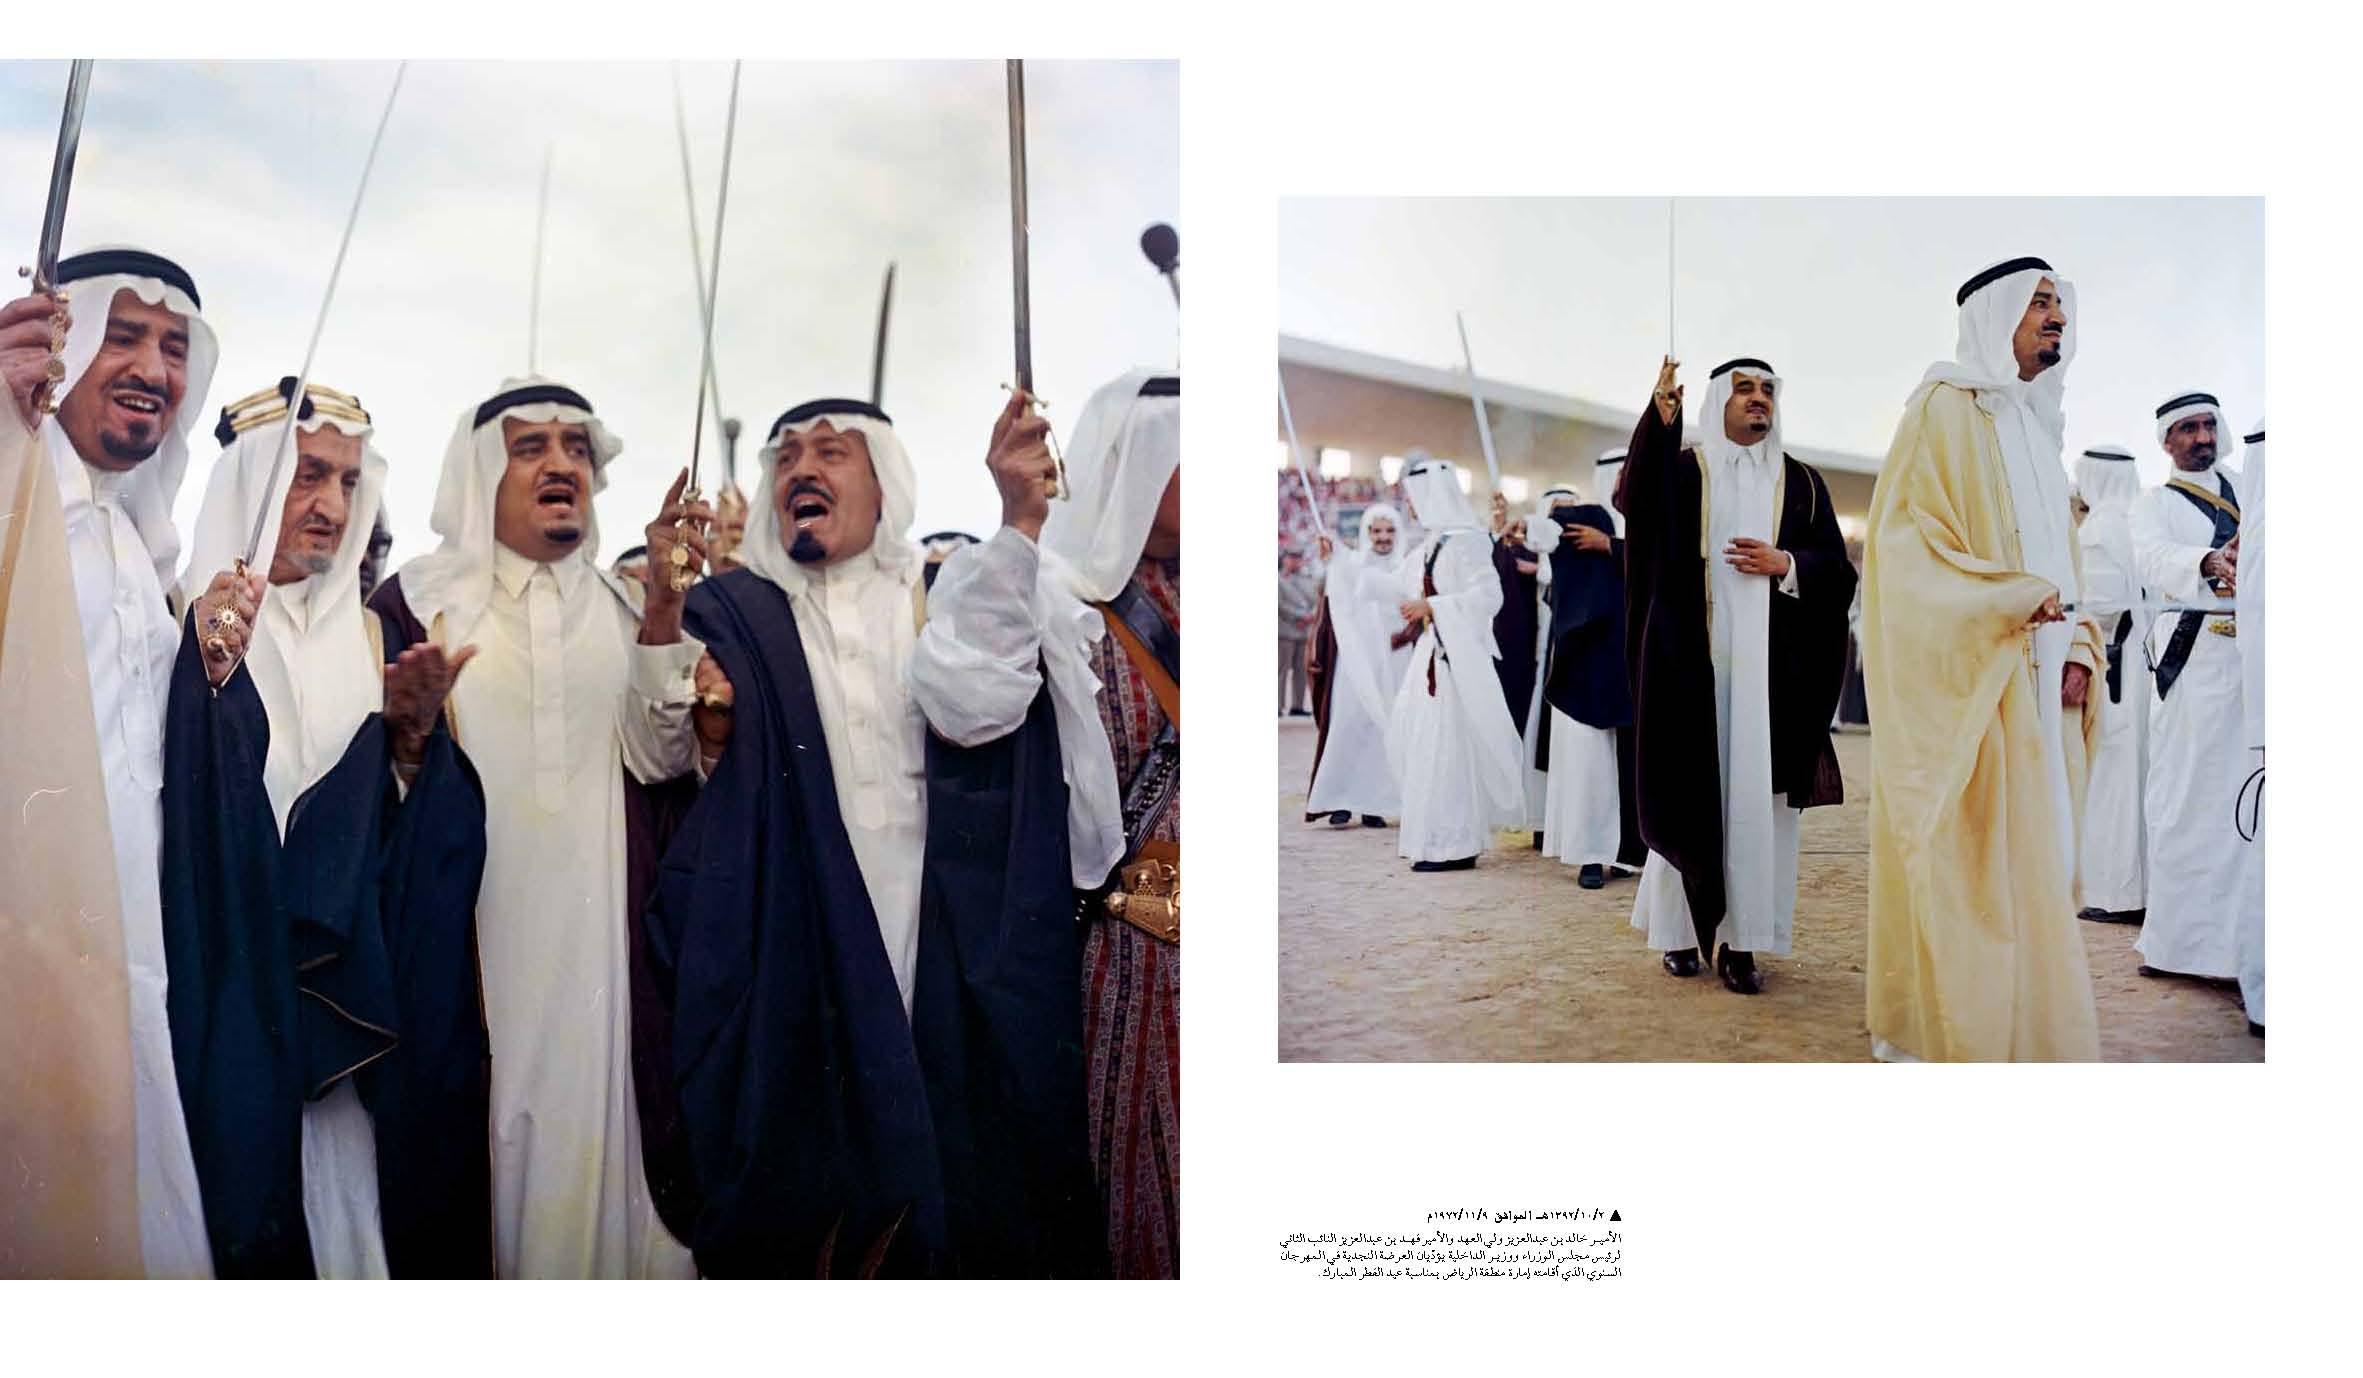 """صور نادرة للملك فهد في """"كتاب"""" 3d4fa17d-45b2-464a-96e7-e526a18ab59a"""